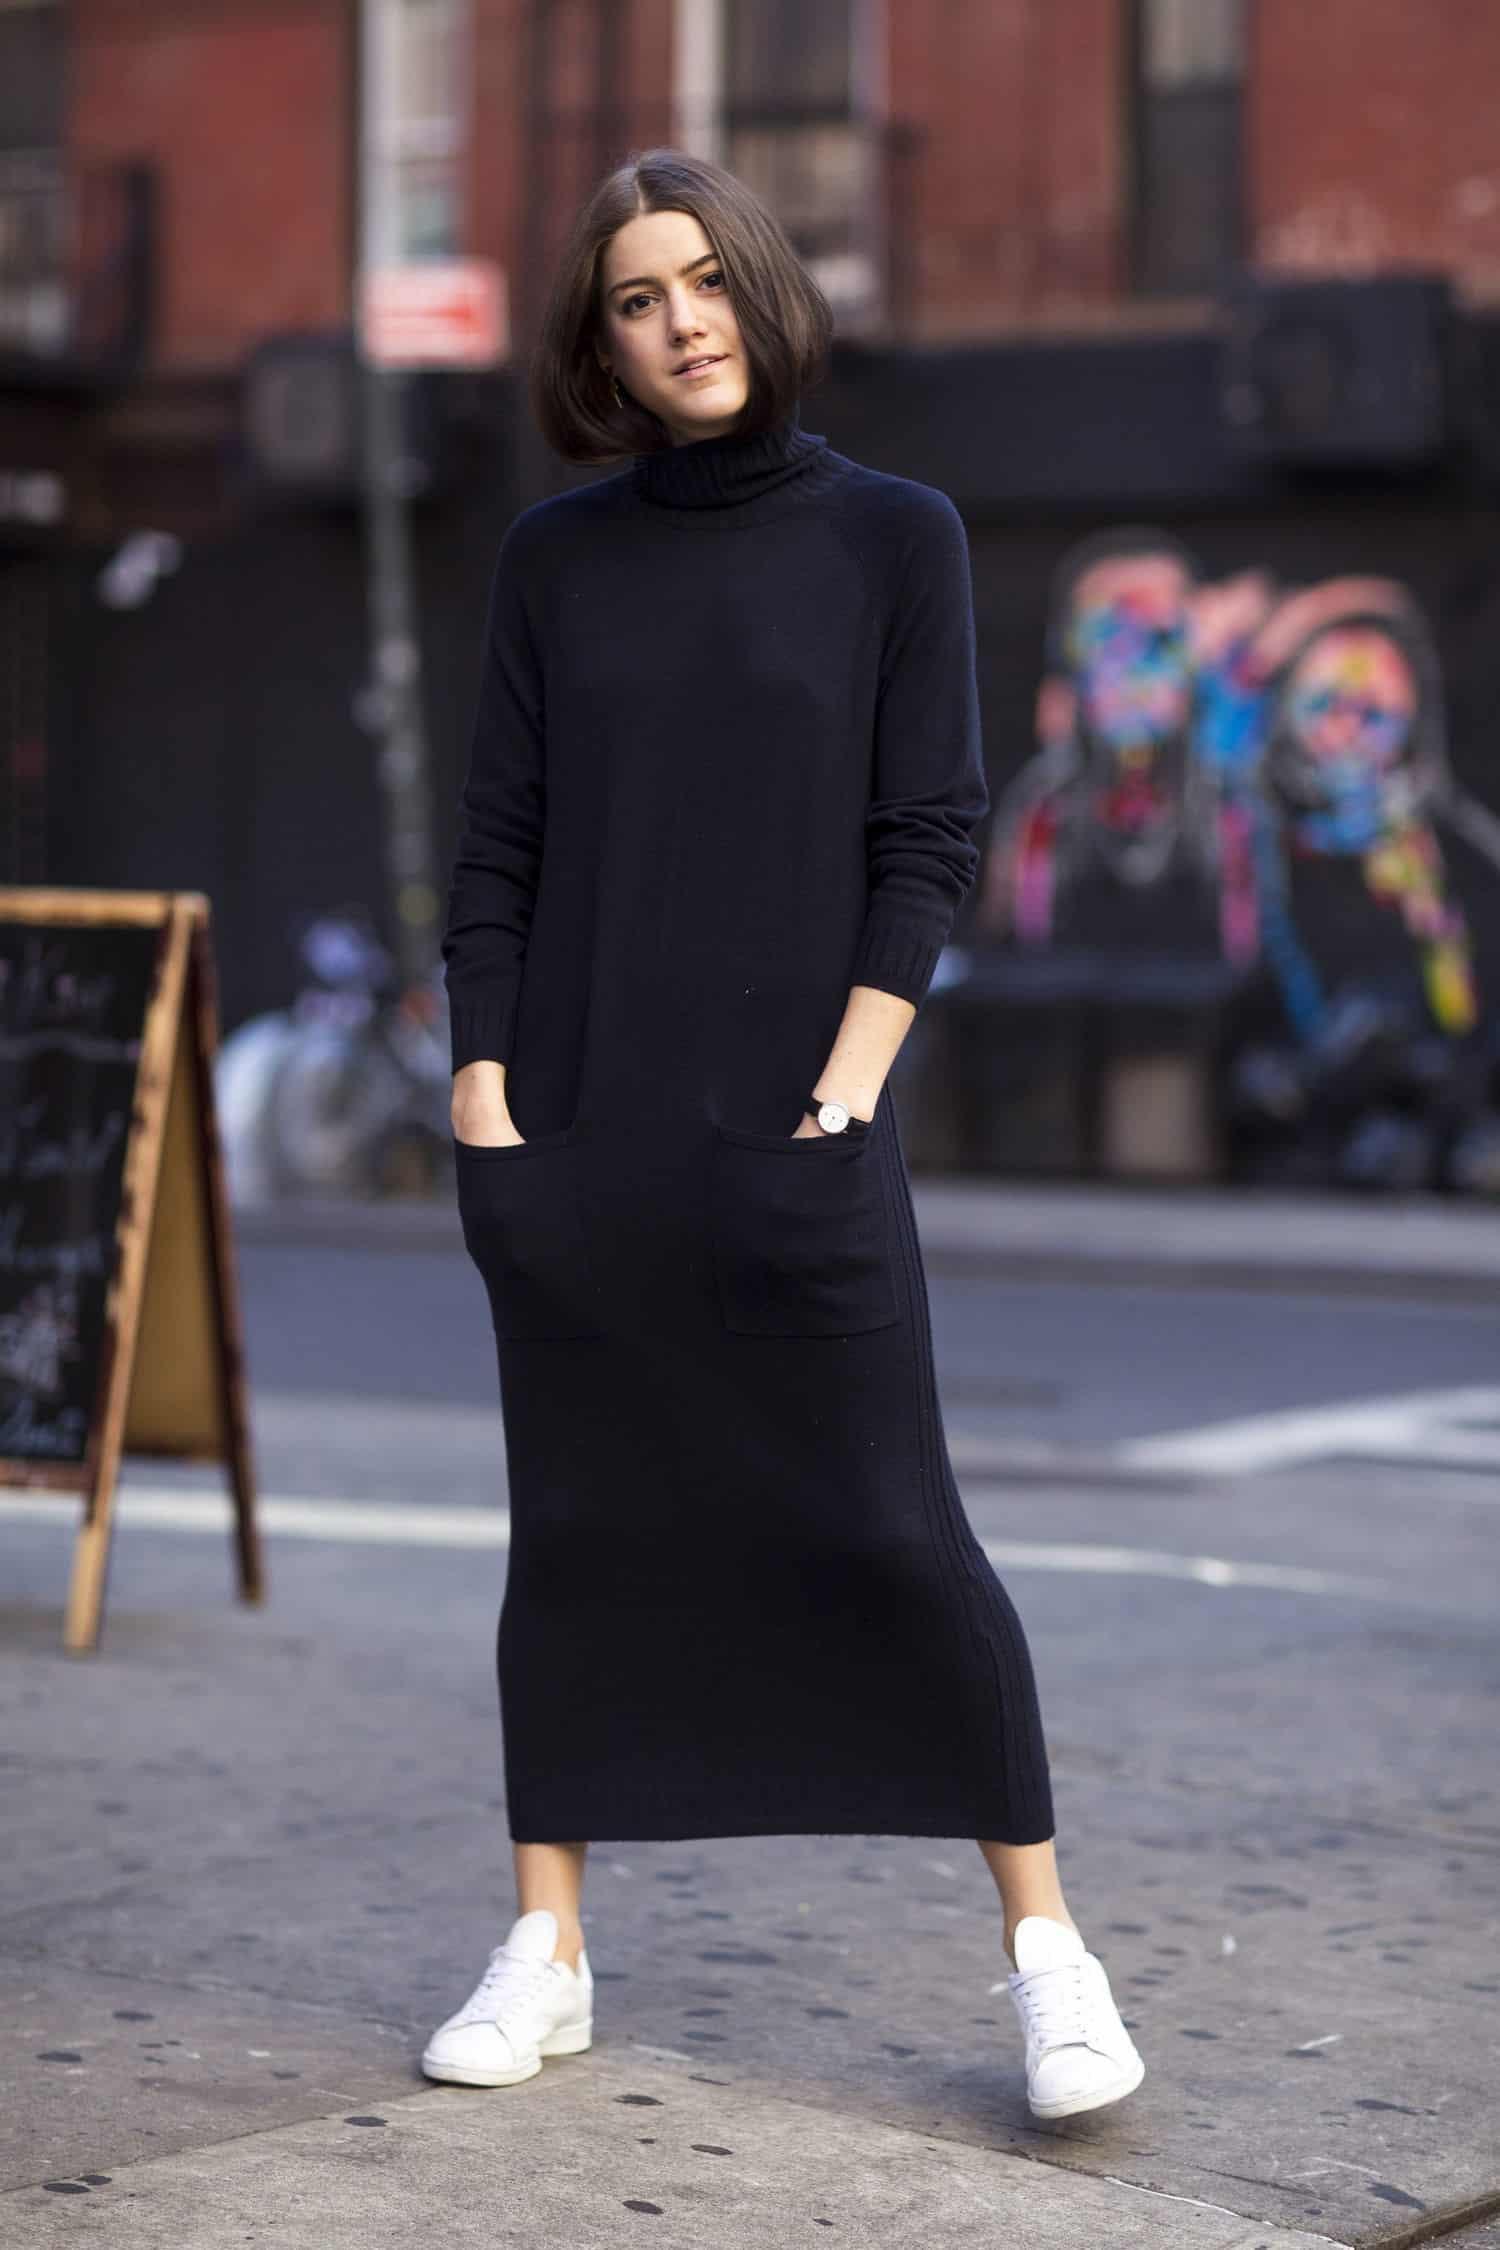 fashion-2016-02-sweater-dress-street-style-emma-sousa-getty-main